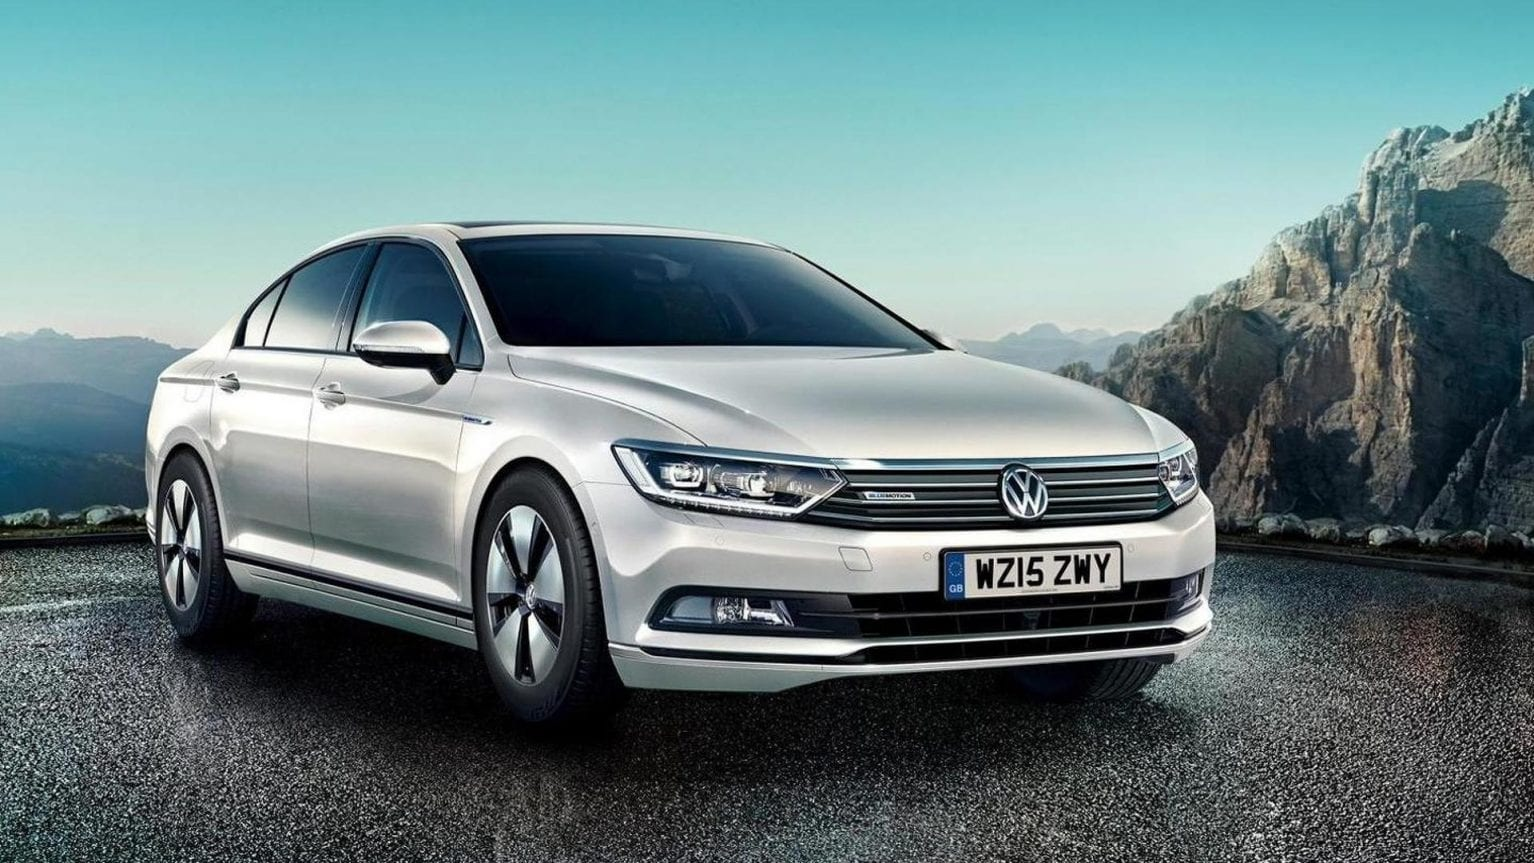 US Volkswagen Sales Figures